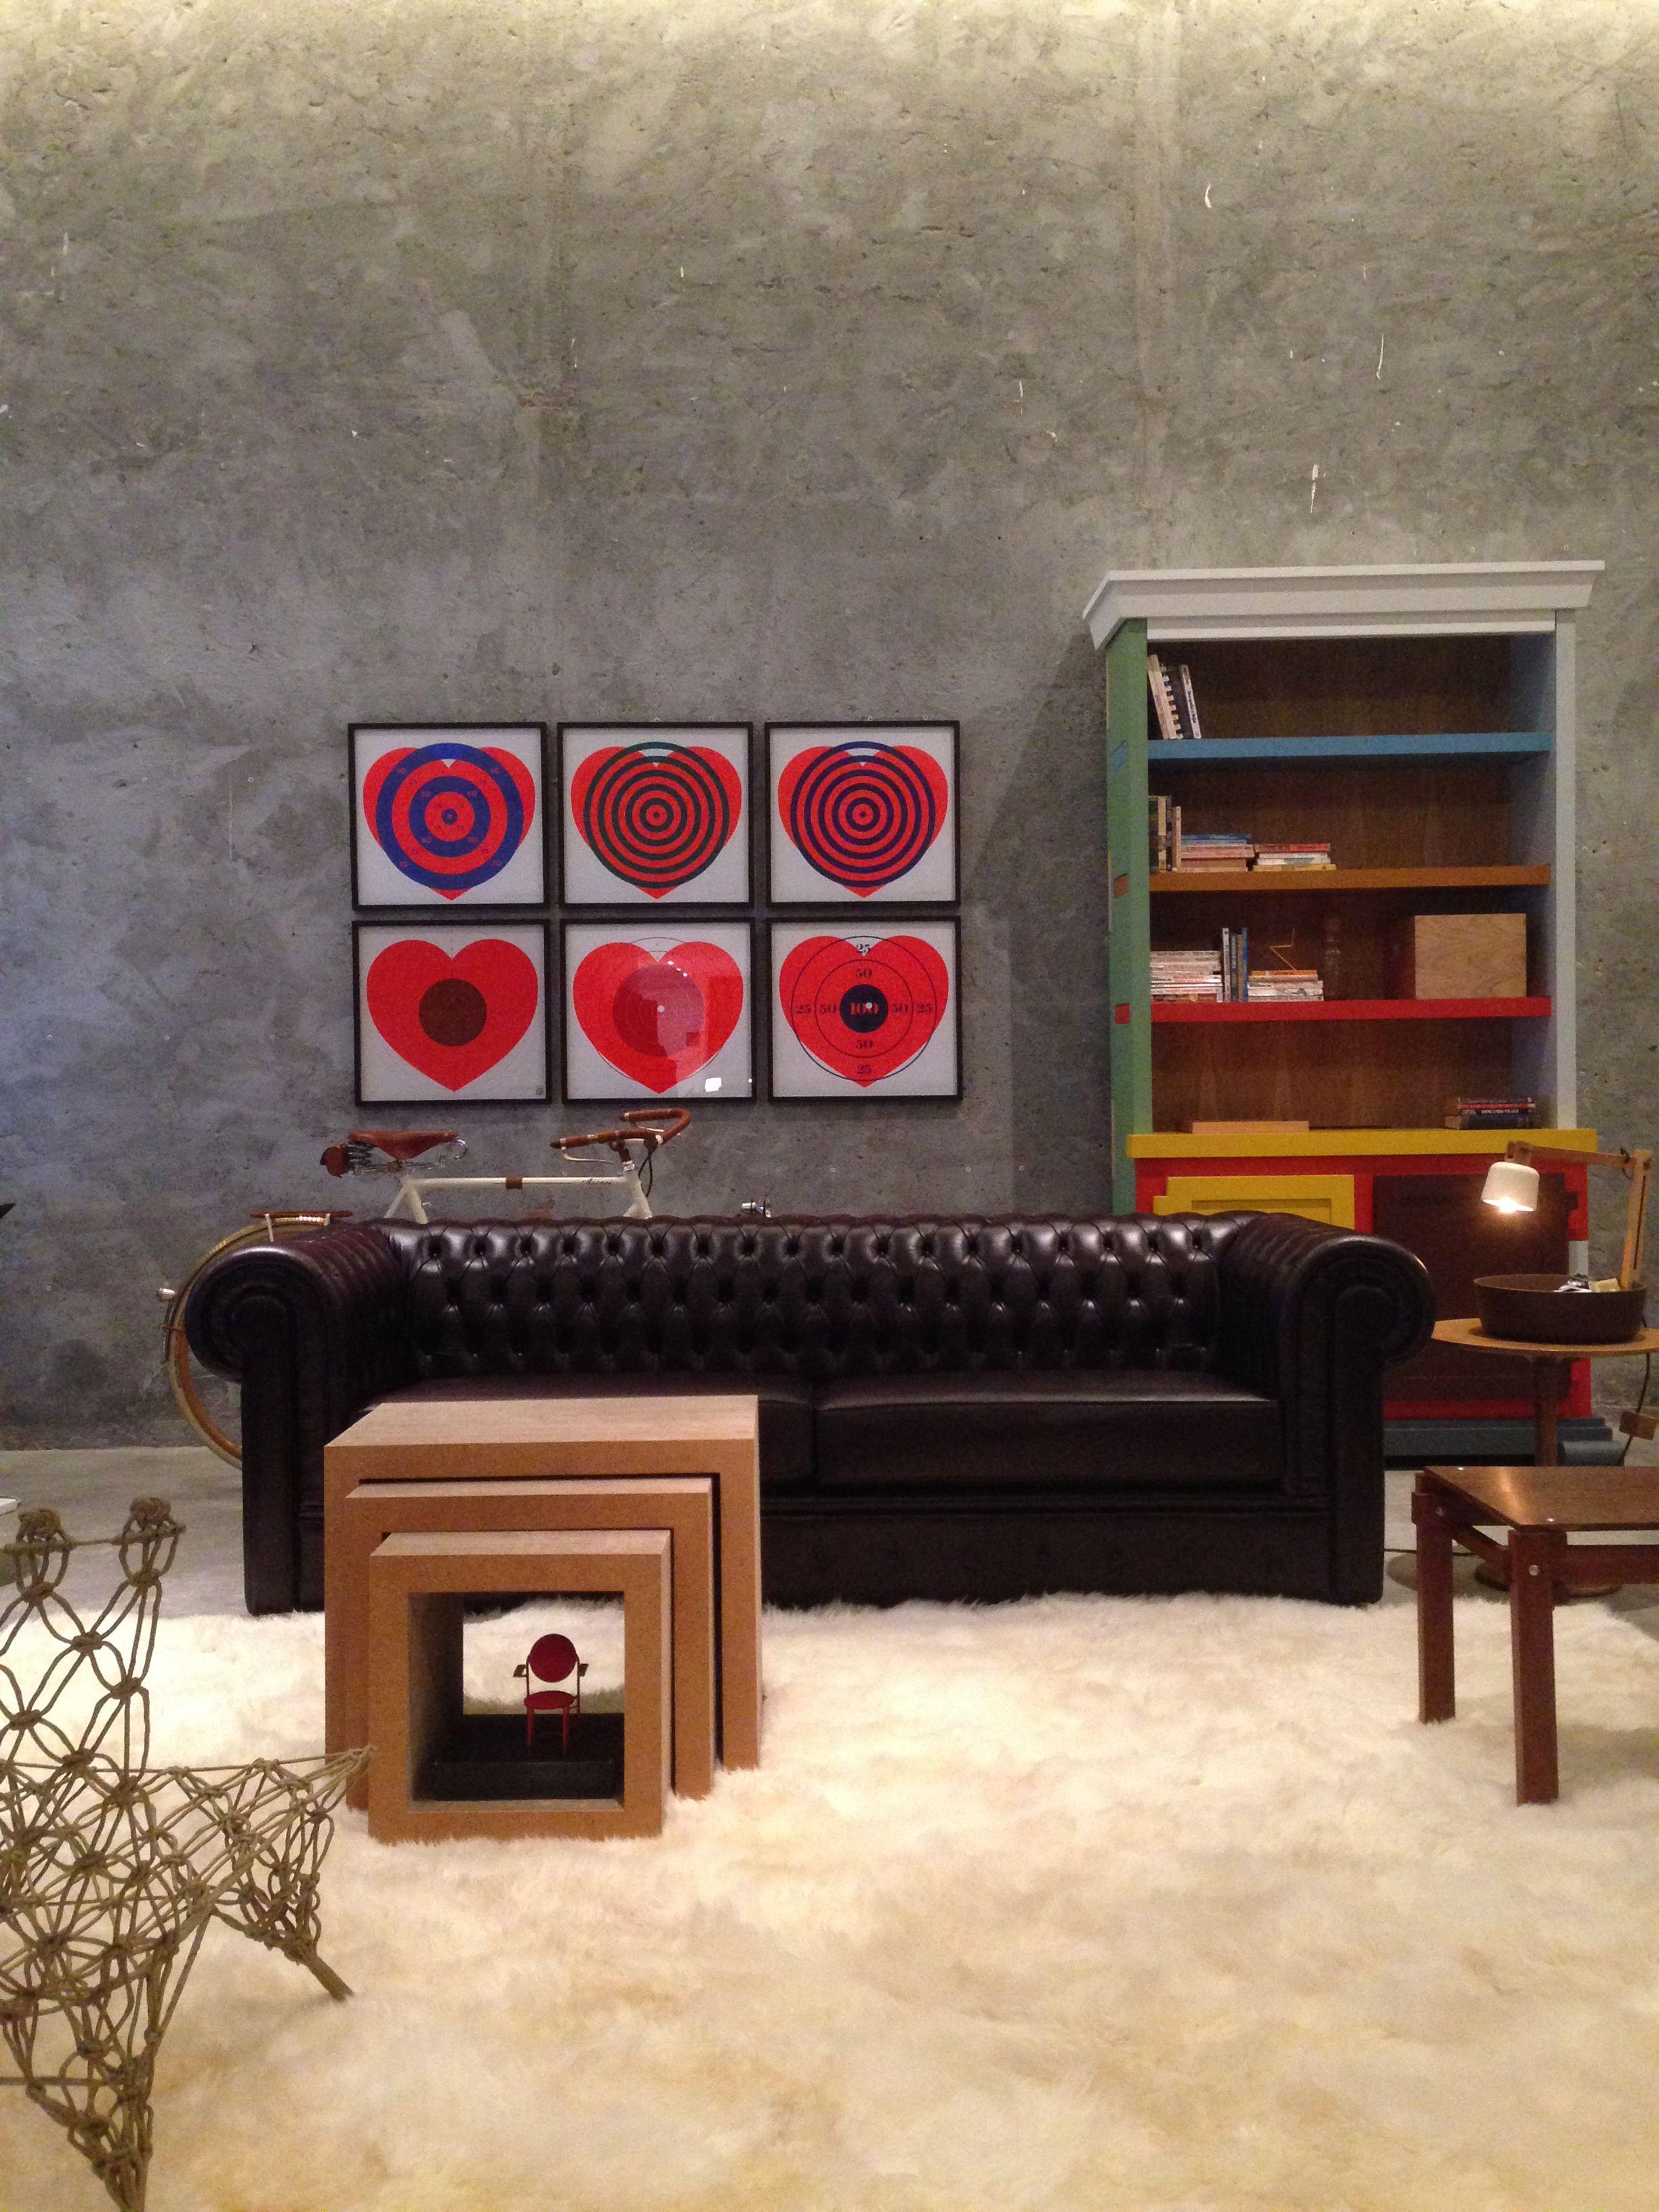 Show Room Micasa, SP | Setembro 14 | Por Carla de Lima Ribeiro